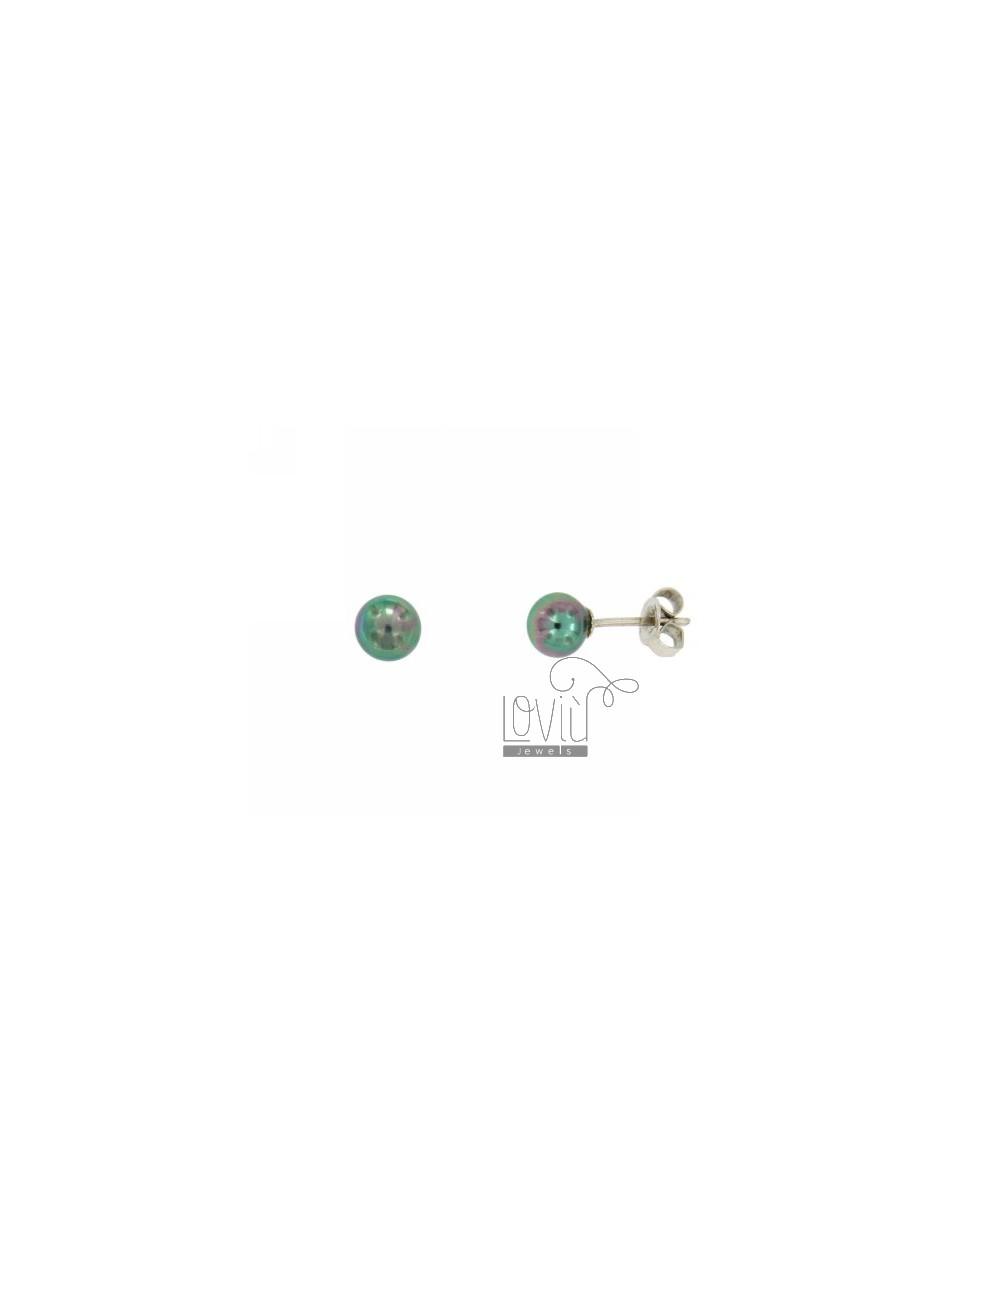 EARRINGS PEARL GREY 6 MM SILVER TIT 925